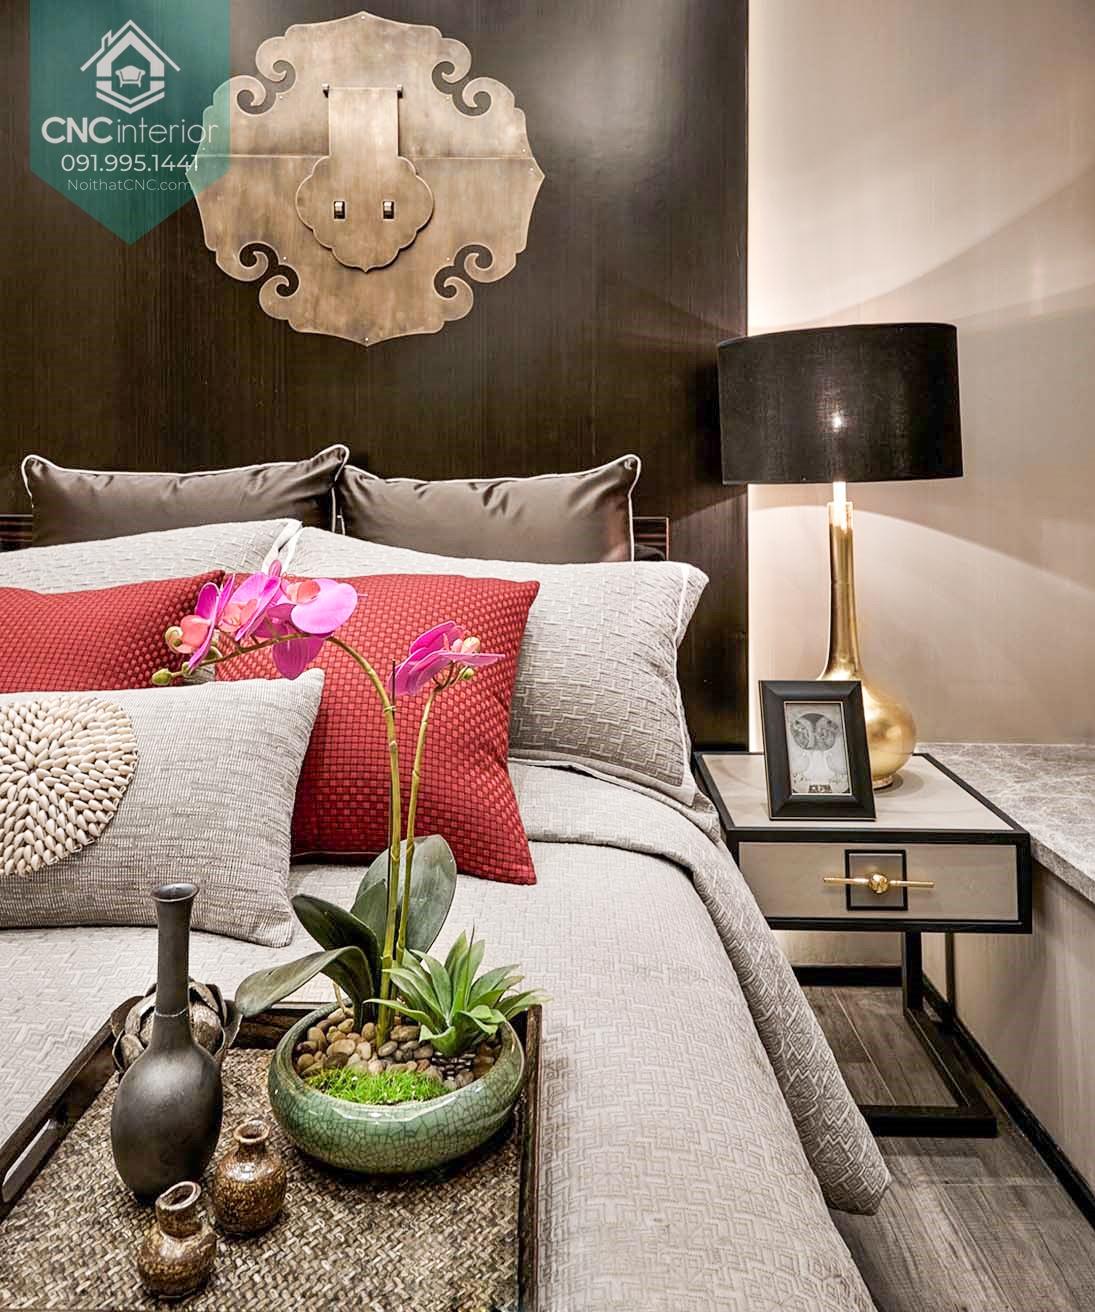 Thiết kế nội thất phong cách Á Đông 2